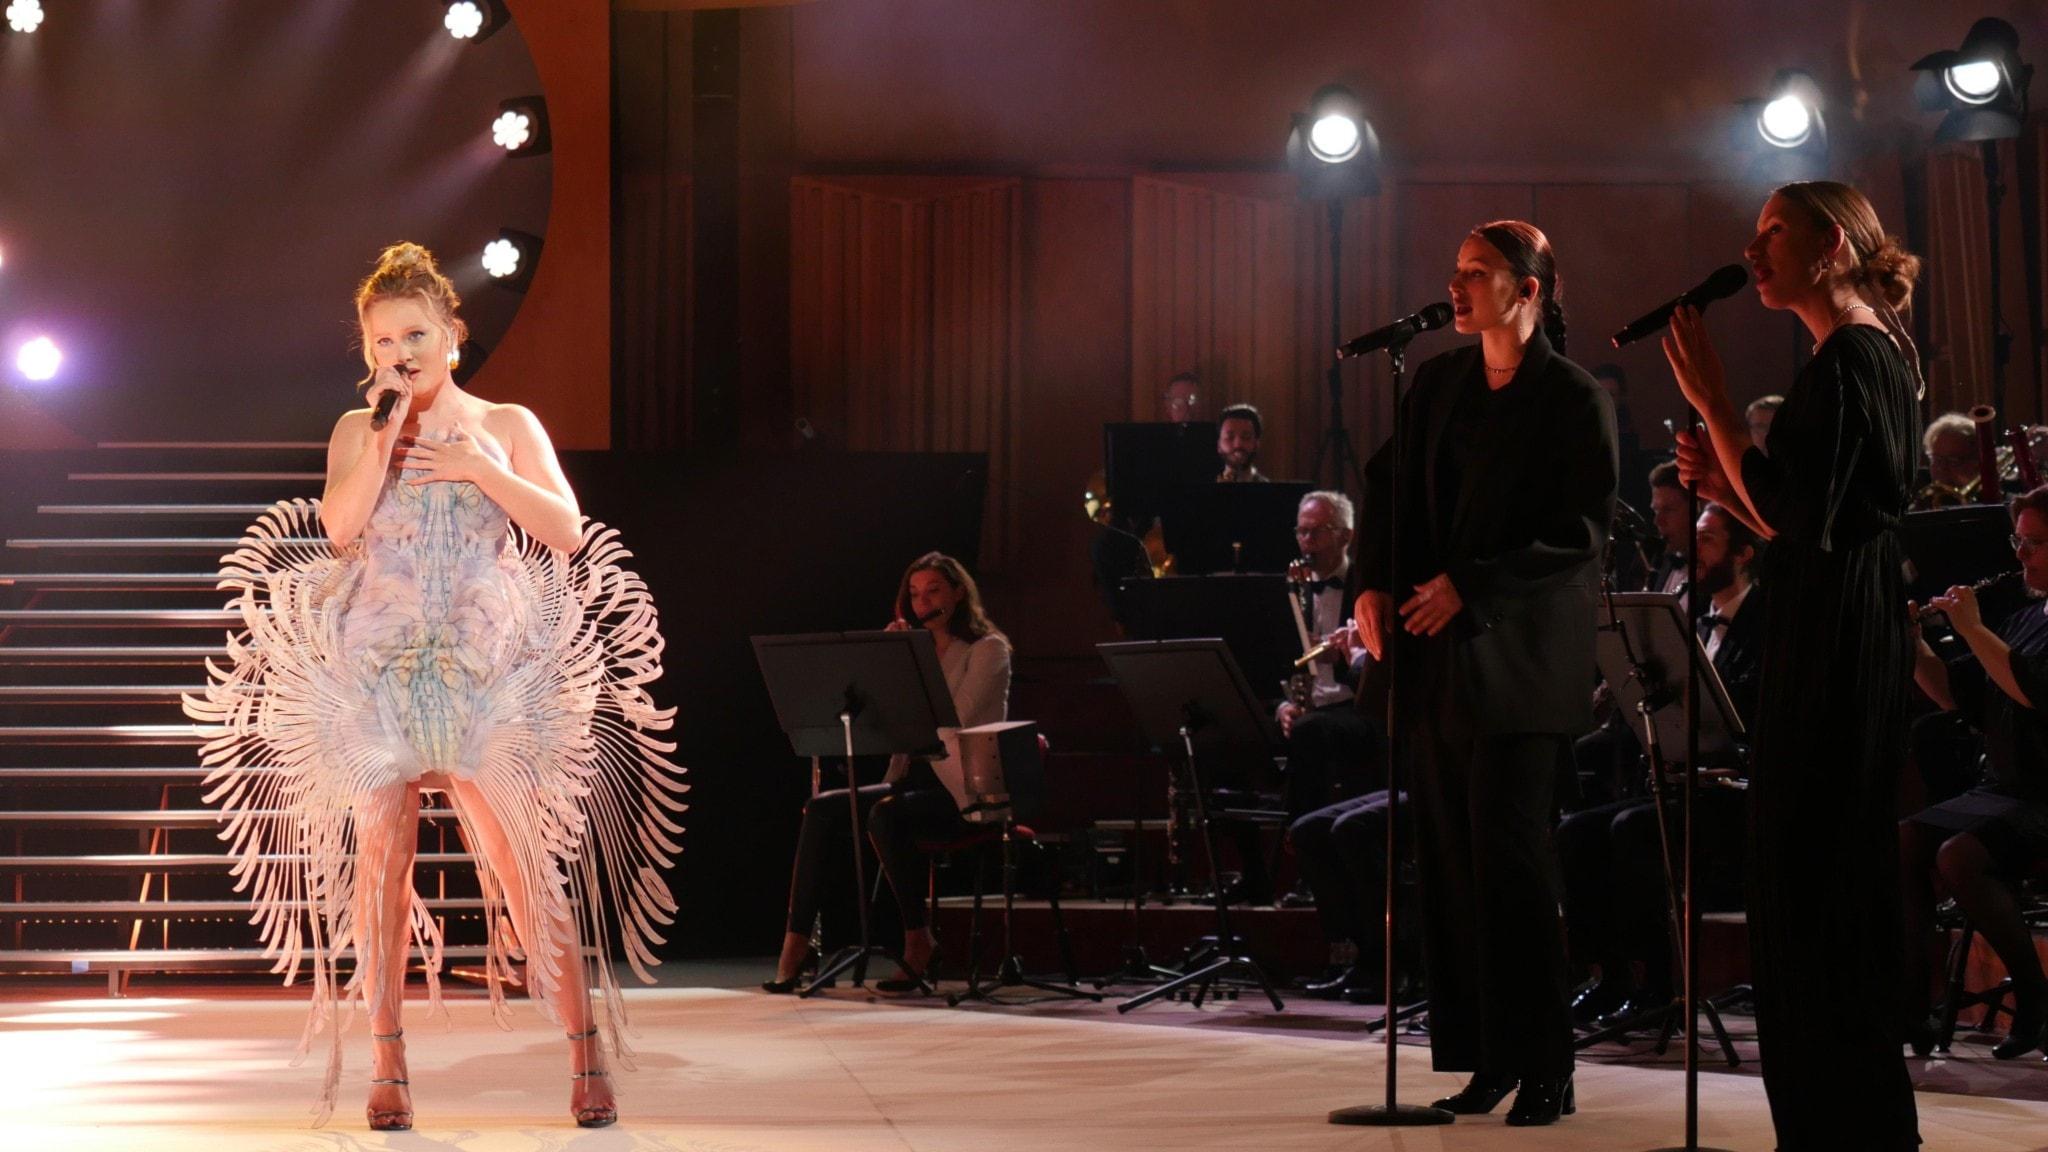 Bild: Zara Larsson och Sveriges Radios symfoniorkester.